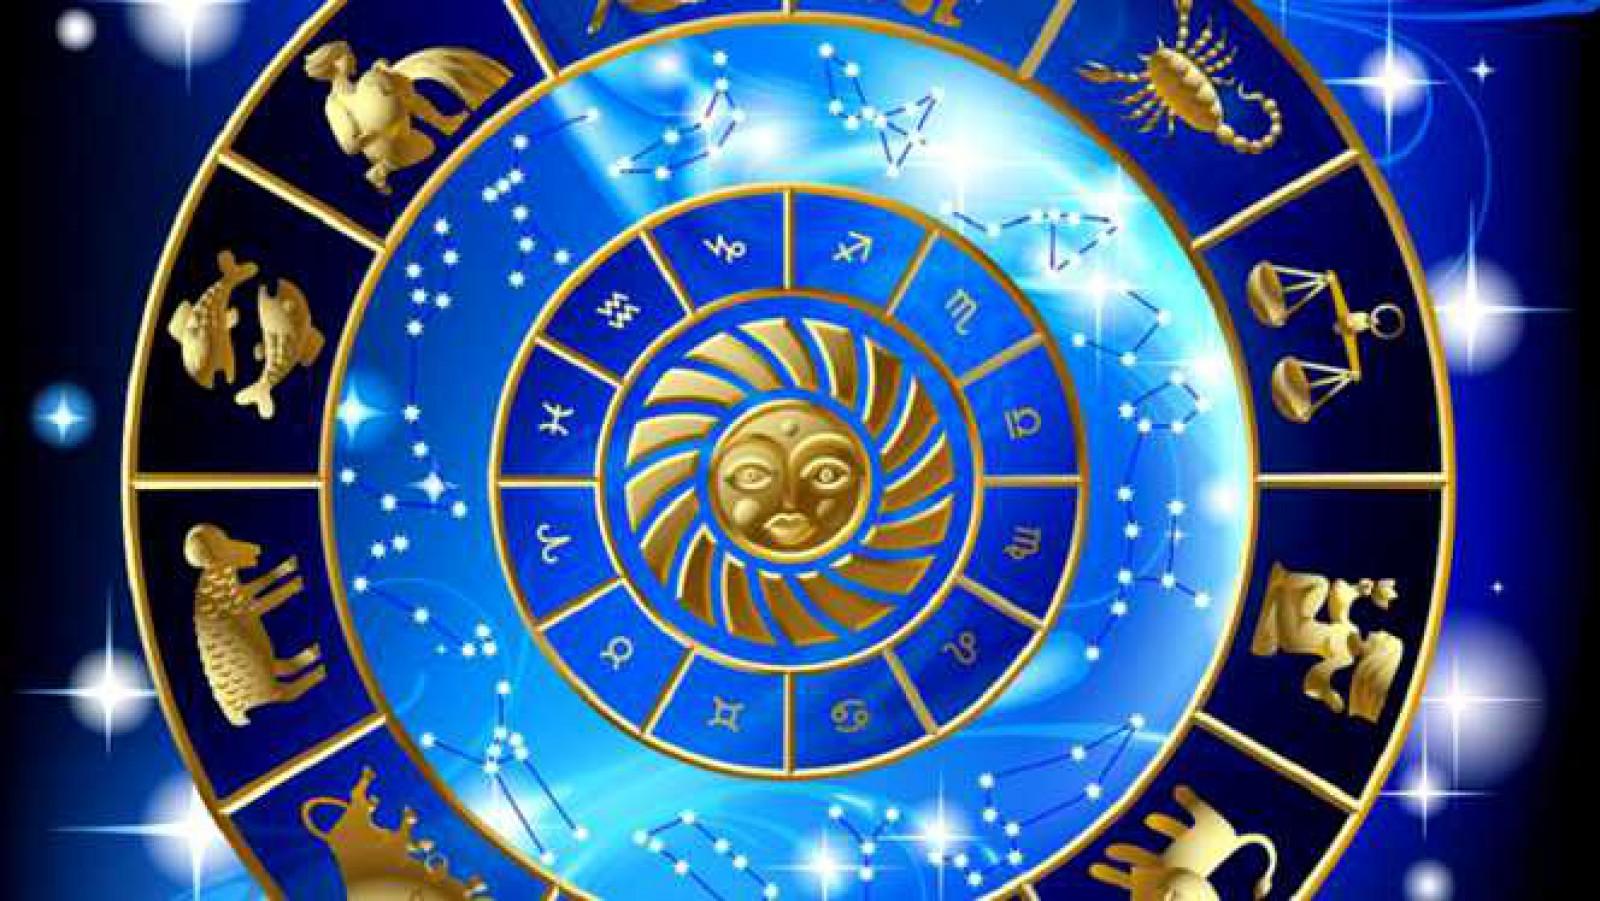 Horoscop: Săgetătorii fac eforturi pentru cei dragi, iar altcineva va lua o decizie care-i va schimba viața